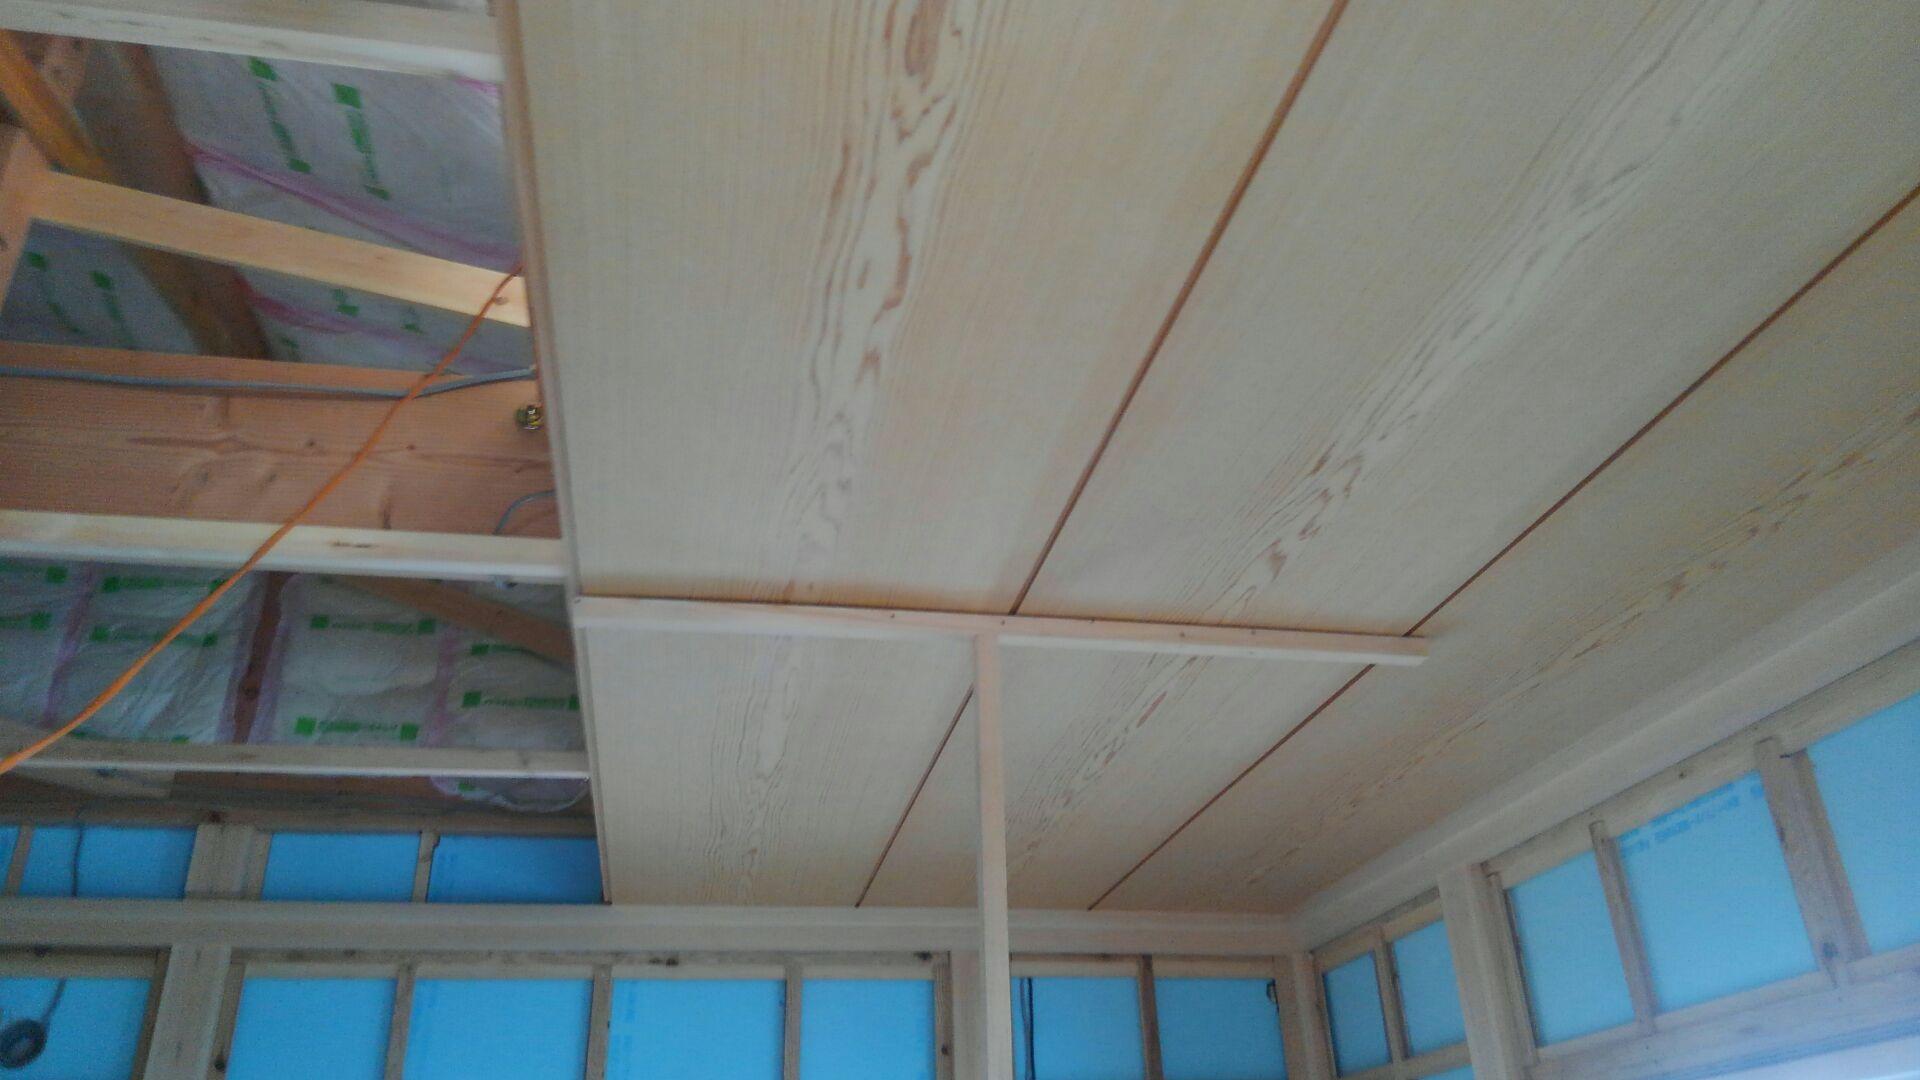 二重の廻縁の取付けが終わり、いよいよ天井の施工が始まりました。2尺の天井板、キレイな板目です。ちなみに 無垢貼り天井板には施工する順番があるんですよ。これを間違えると板目の流れが変わってしまって見た目がおかしくなってしまいます。プロが見るとわかります!